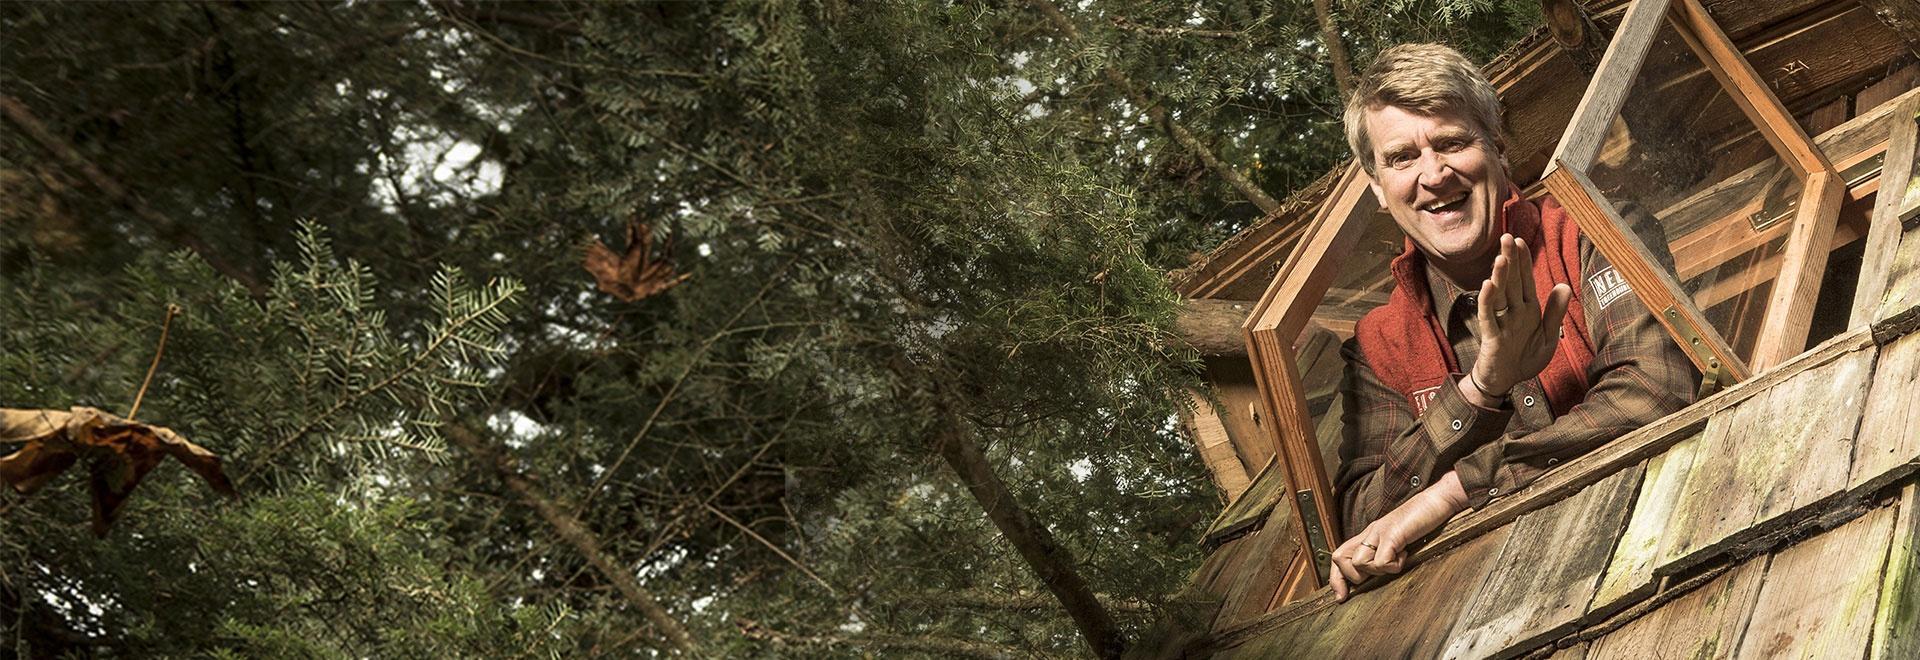 La mia nuova casa sull'albero